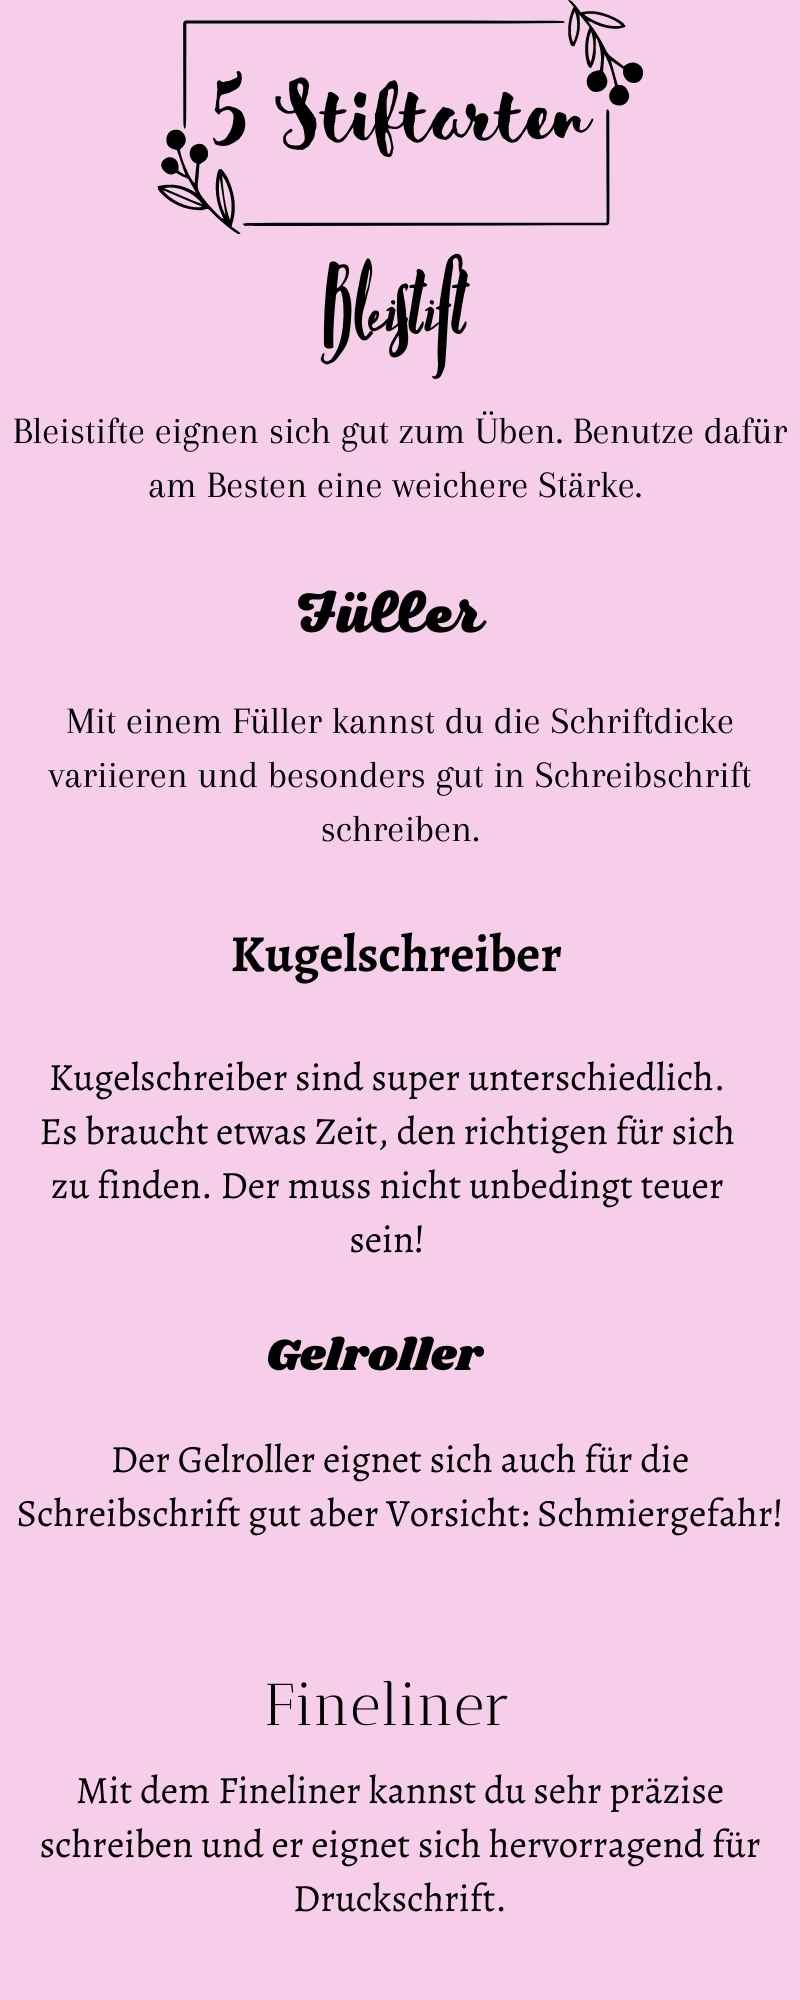 Schönere Handschrift - 5 Stiftarten